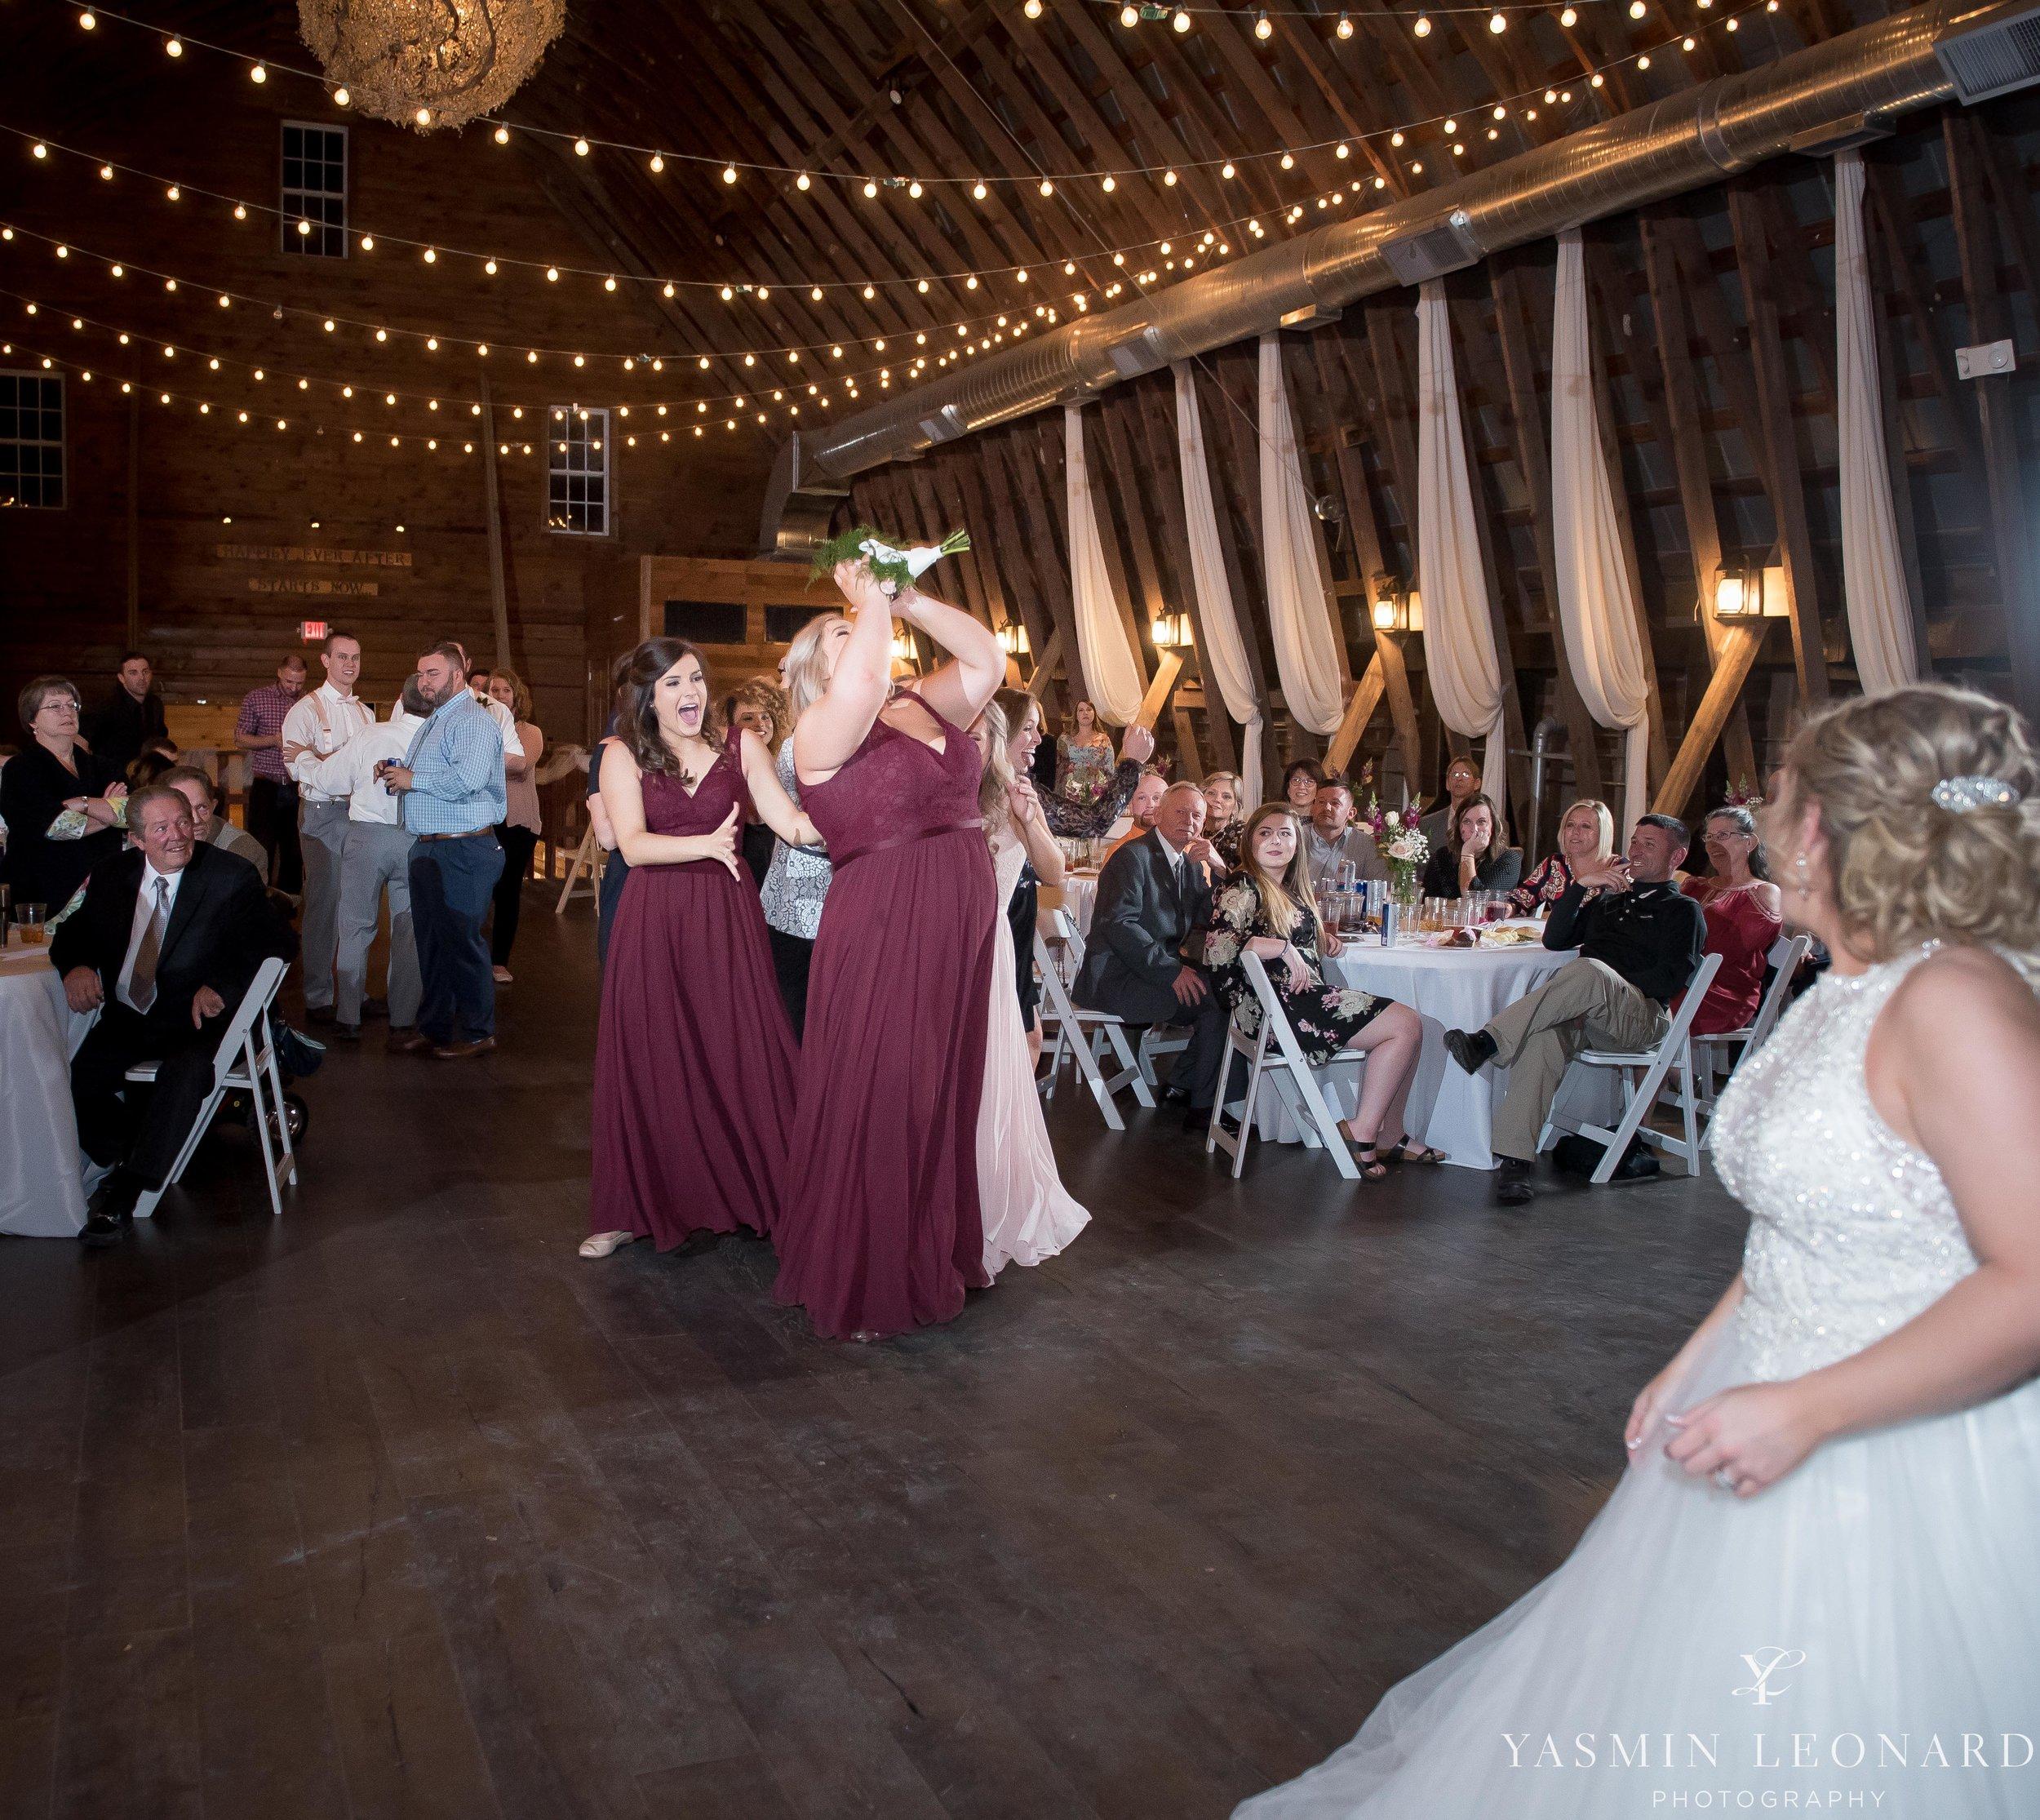 Millikan Farms - Millikan Farms Wedding - Sophia NC Wedding - NC Wedding - NC Wedding Photographer - Yasmin Leonard Photography - High Point Photographer - Barn Wedding - Wedding Venues in NC - Triad Wedding Photographer-84.jpg